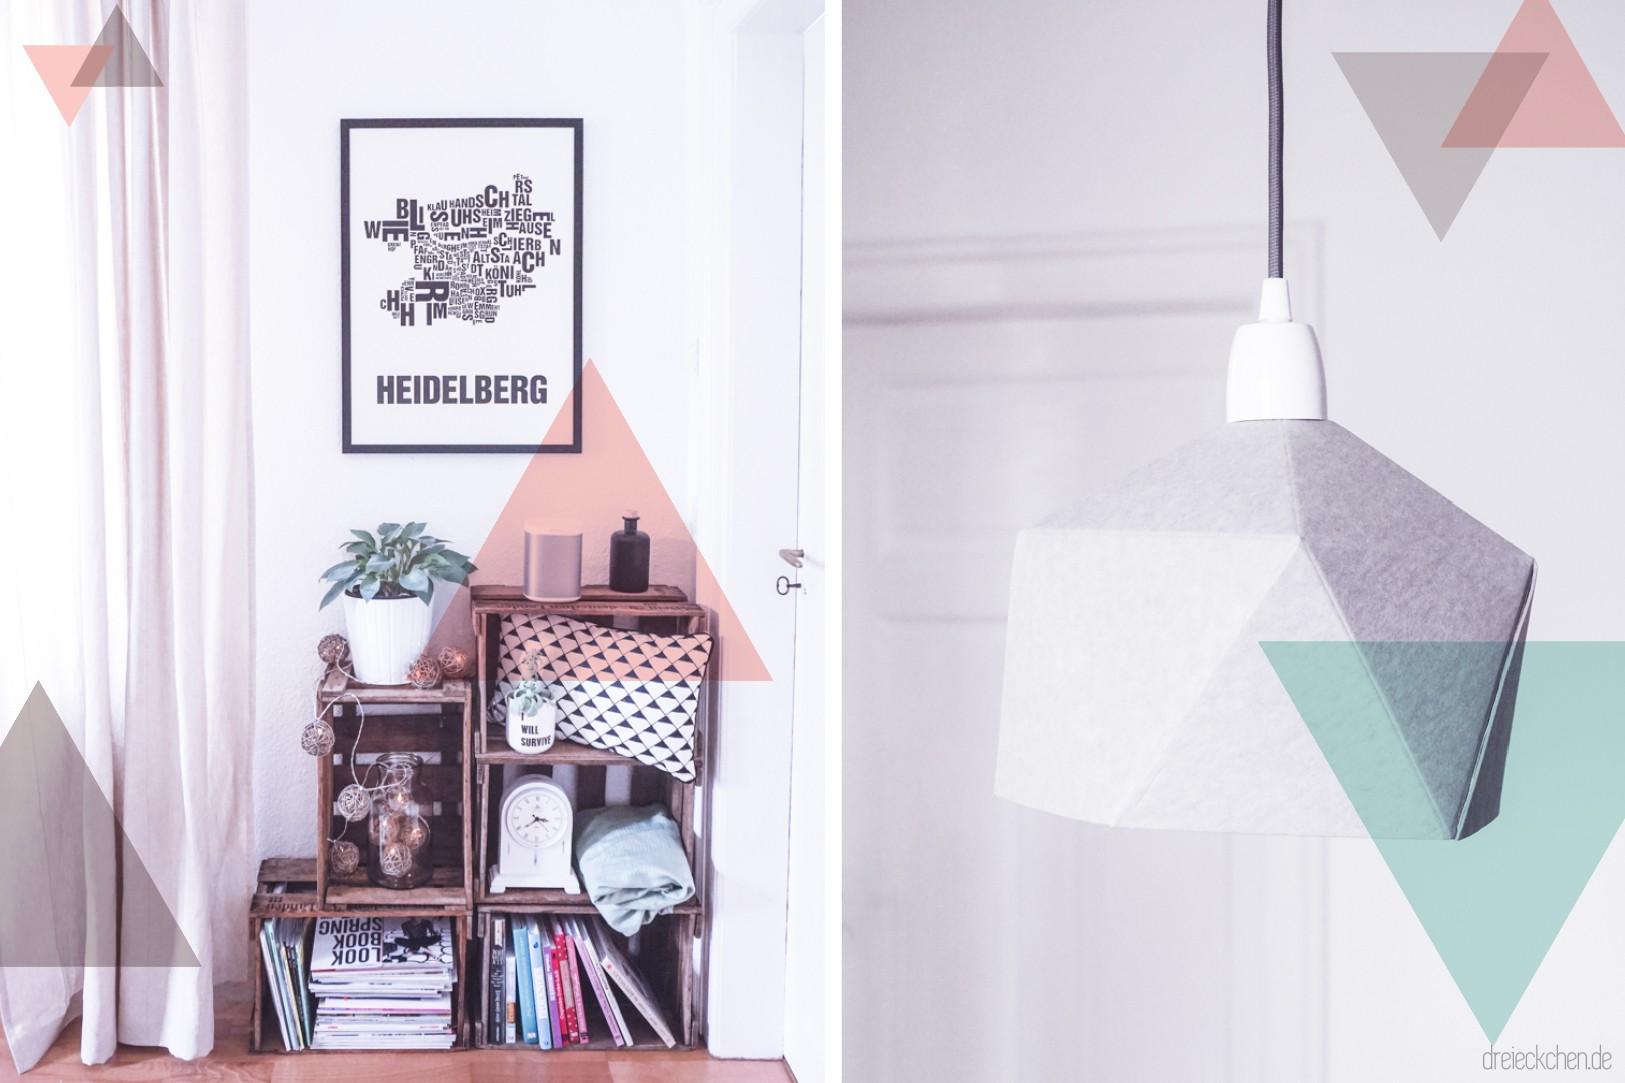 Wohnzimmer Inspiration - Weinkisten-Regal mit Deko-Ideen in ...